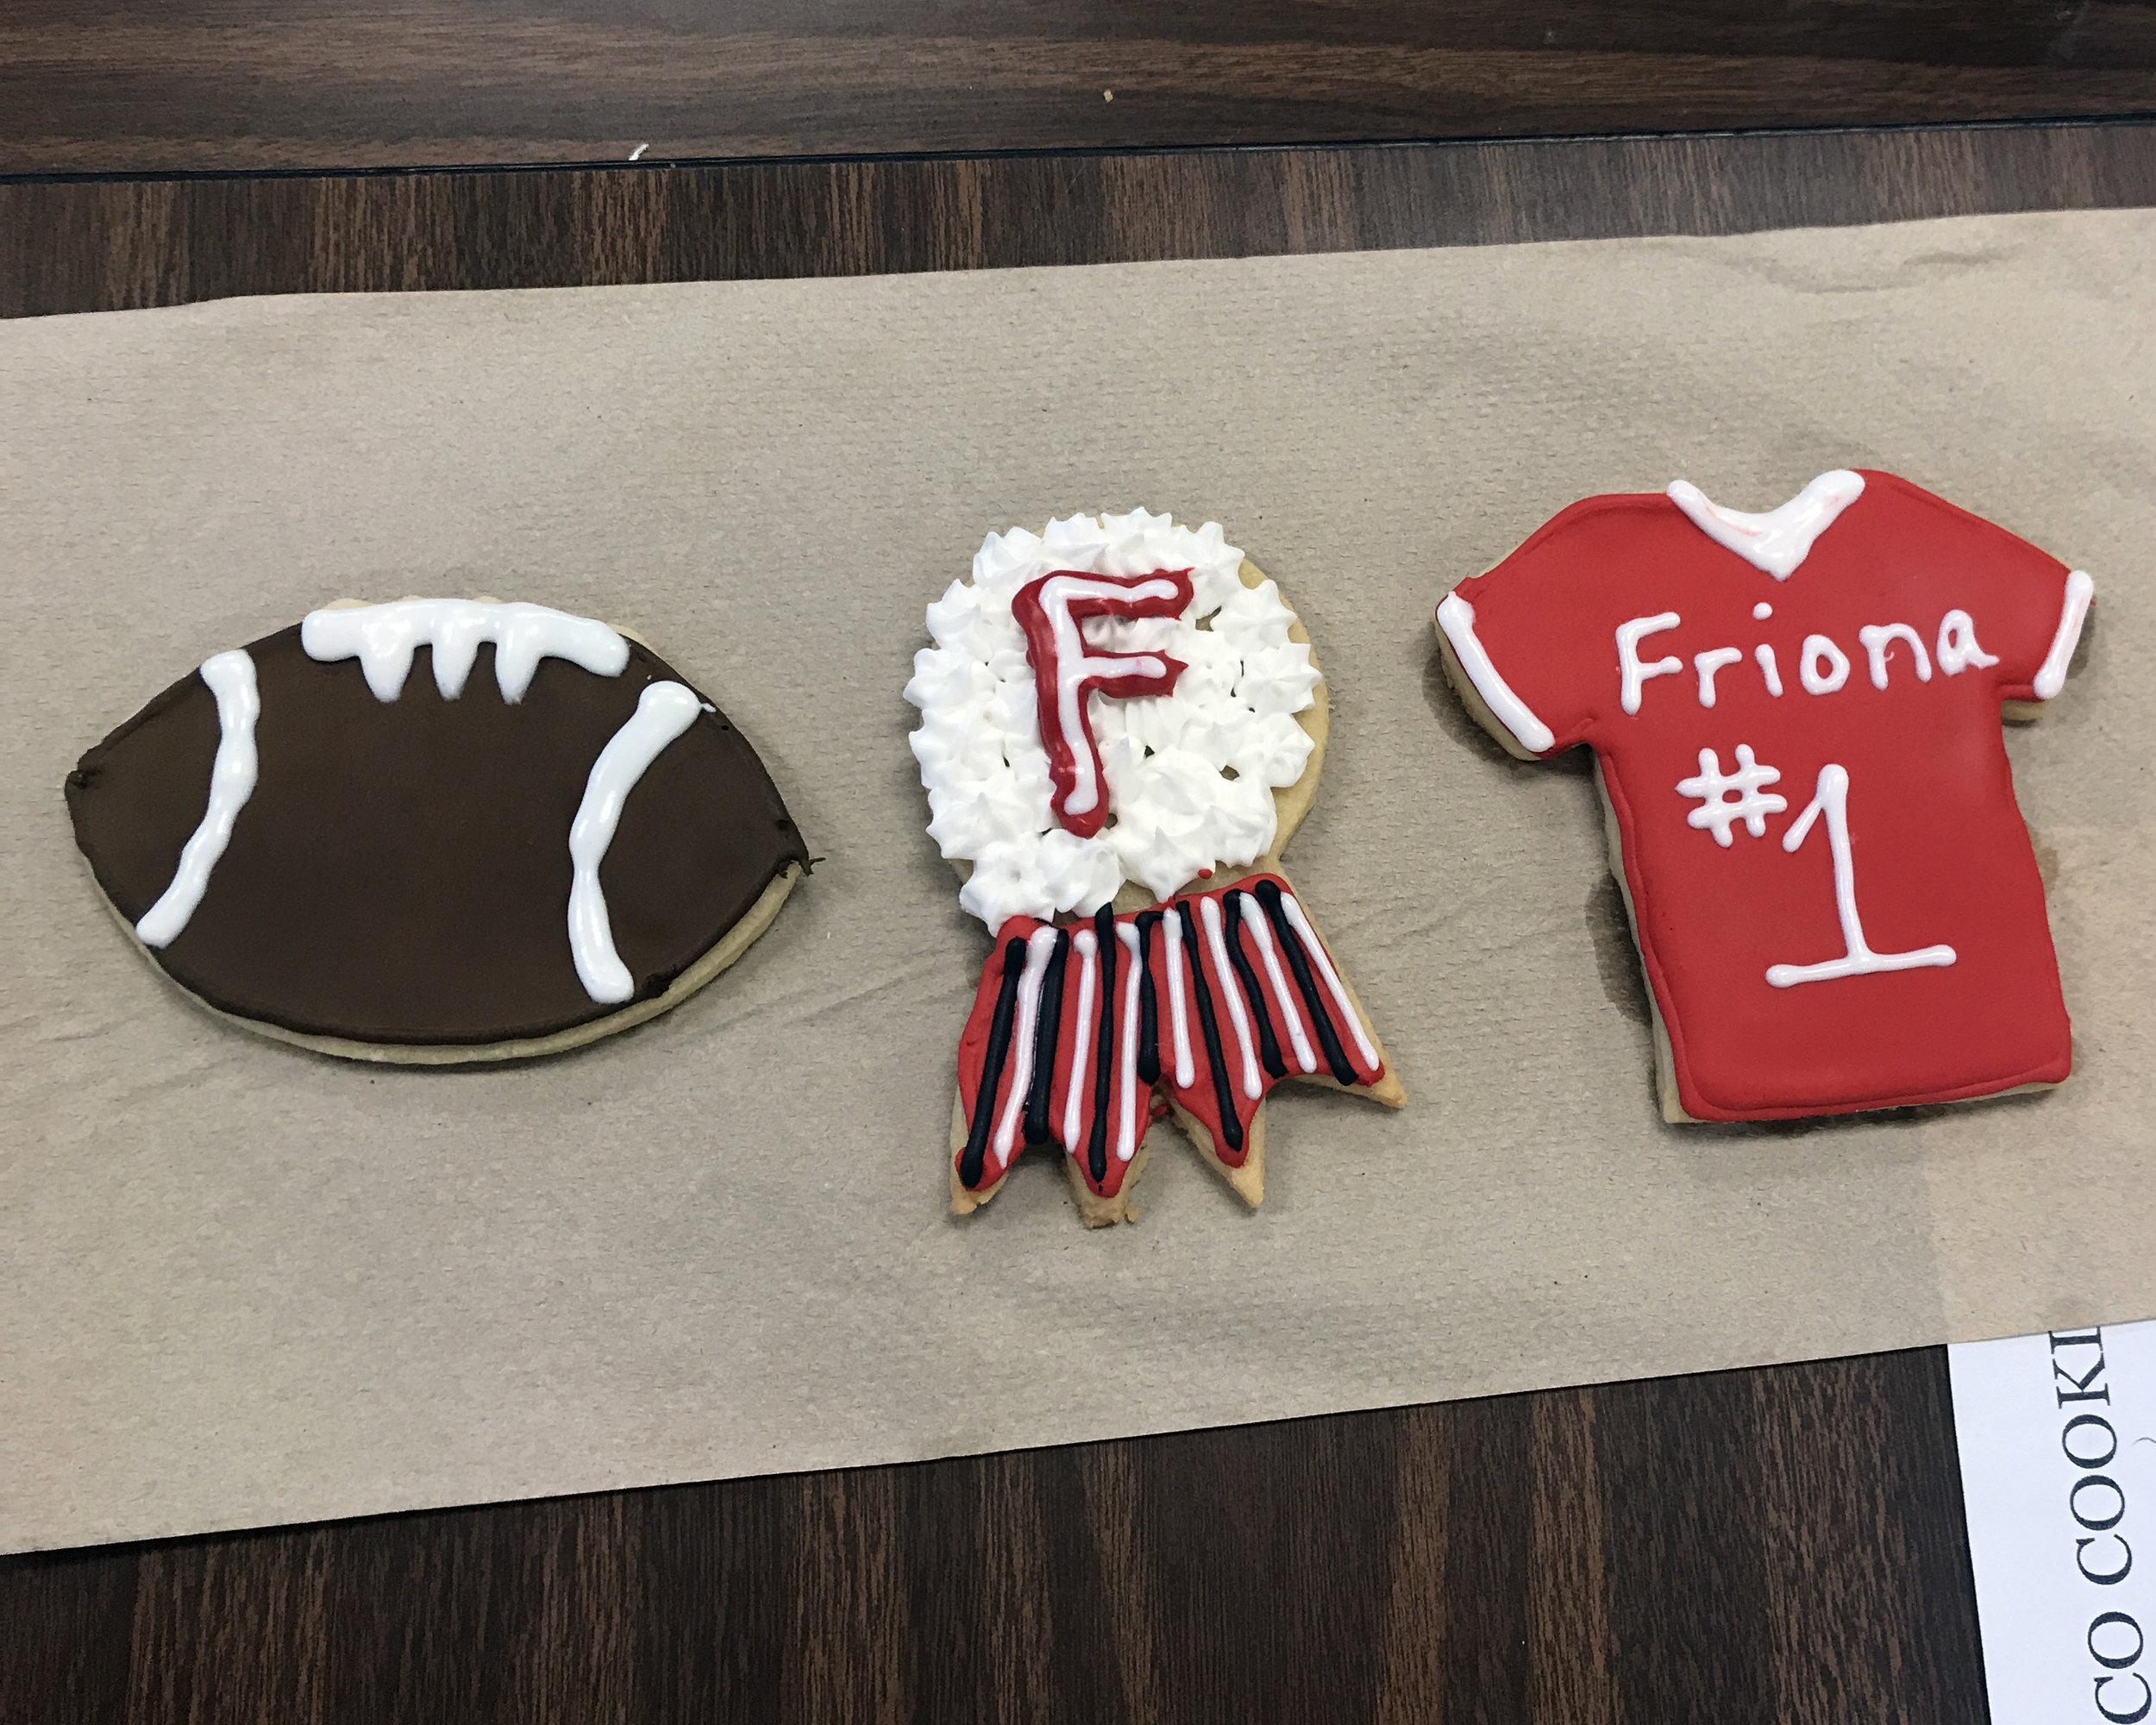 Friona- cookies1 (2).JPG